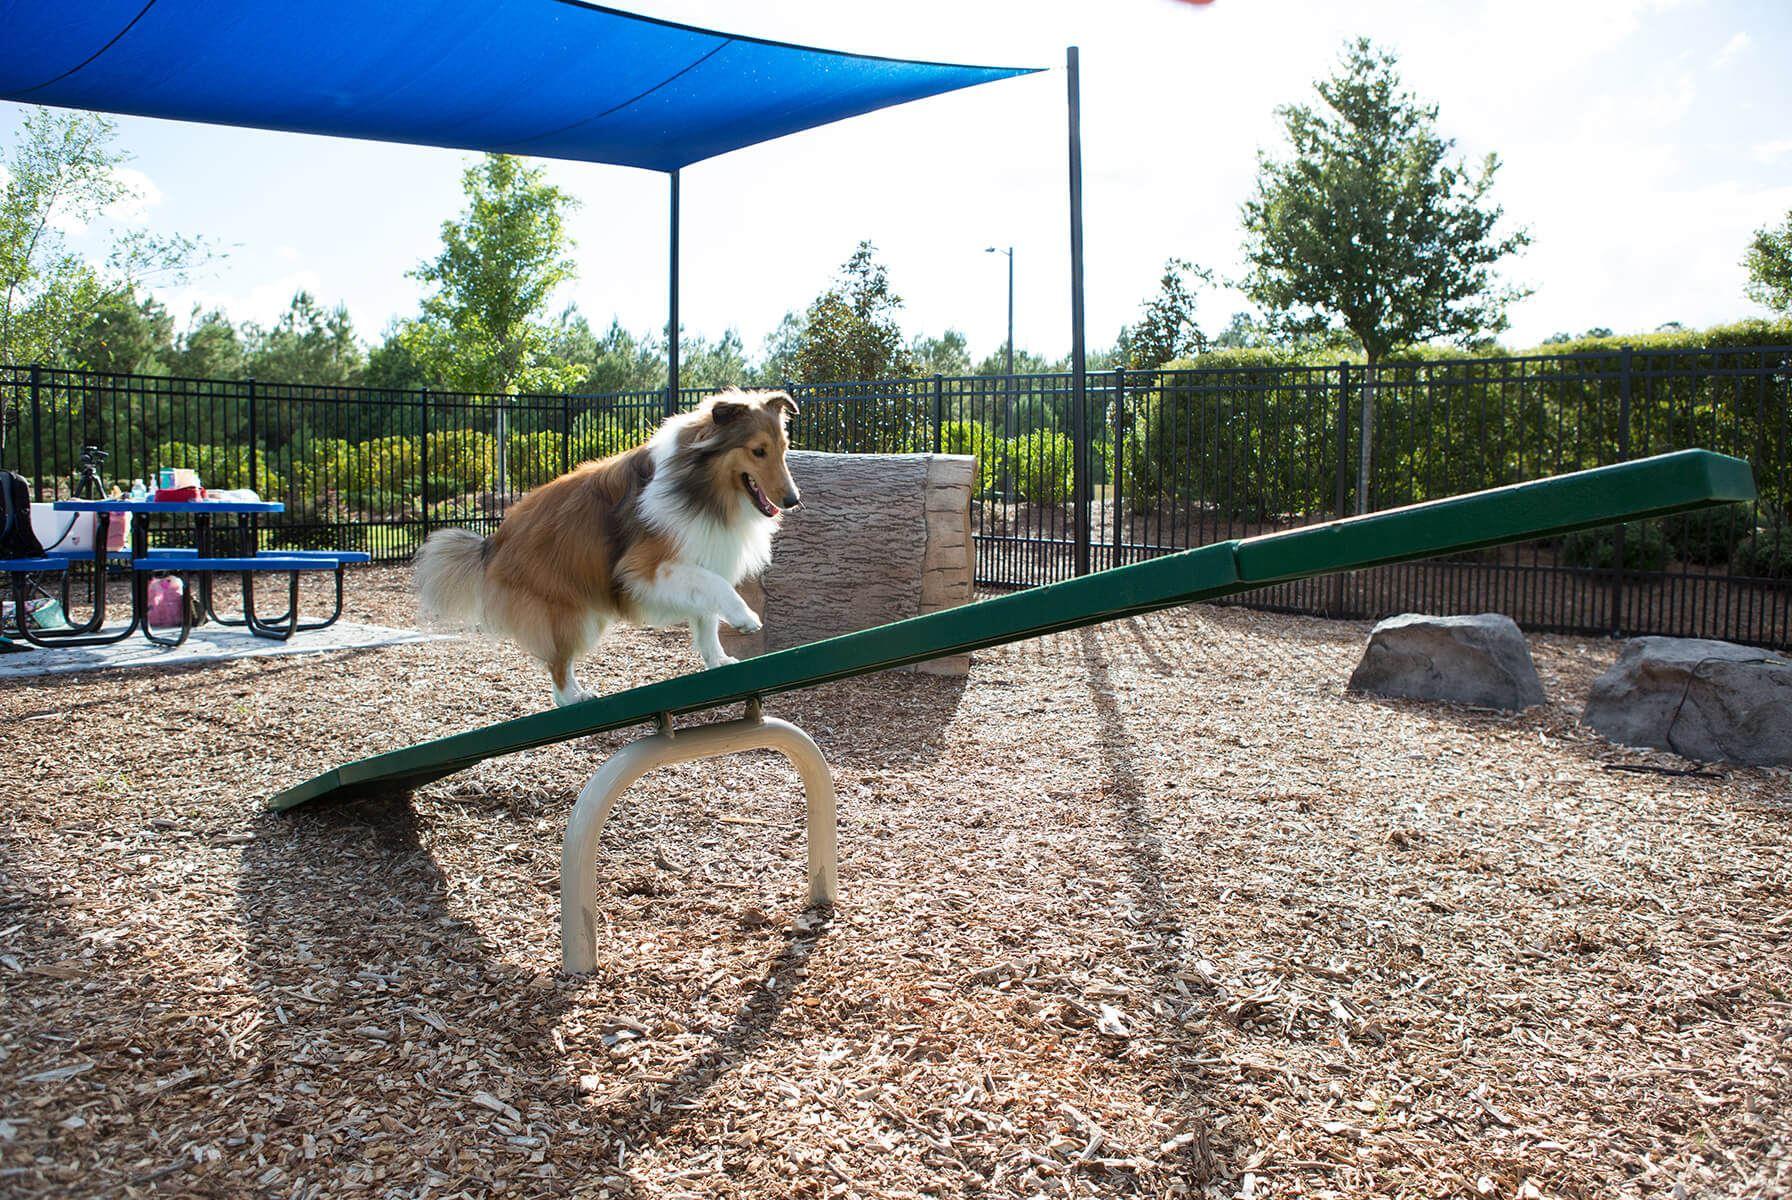 Dog-Park-Maintenance-Equipment.jpg#asset:11891